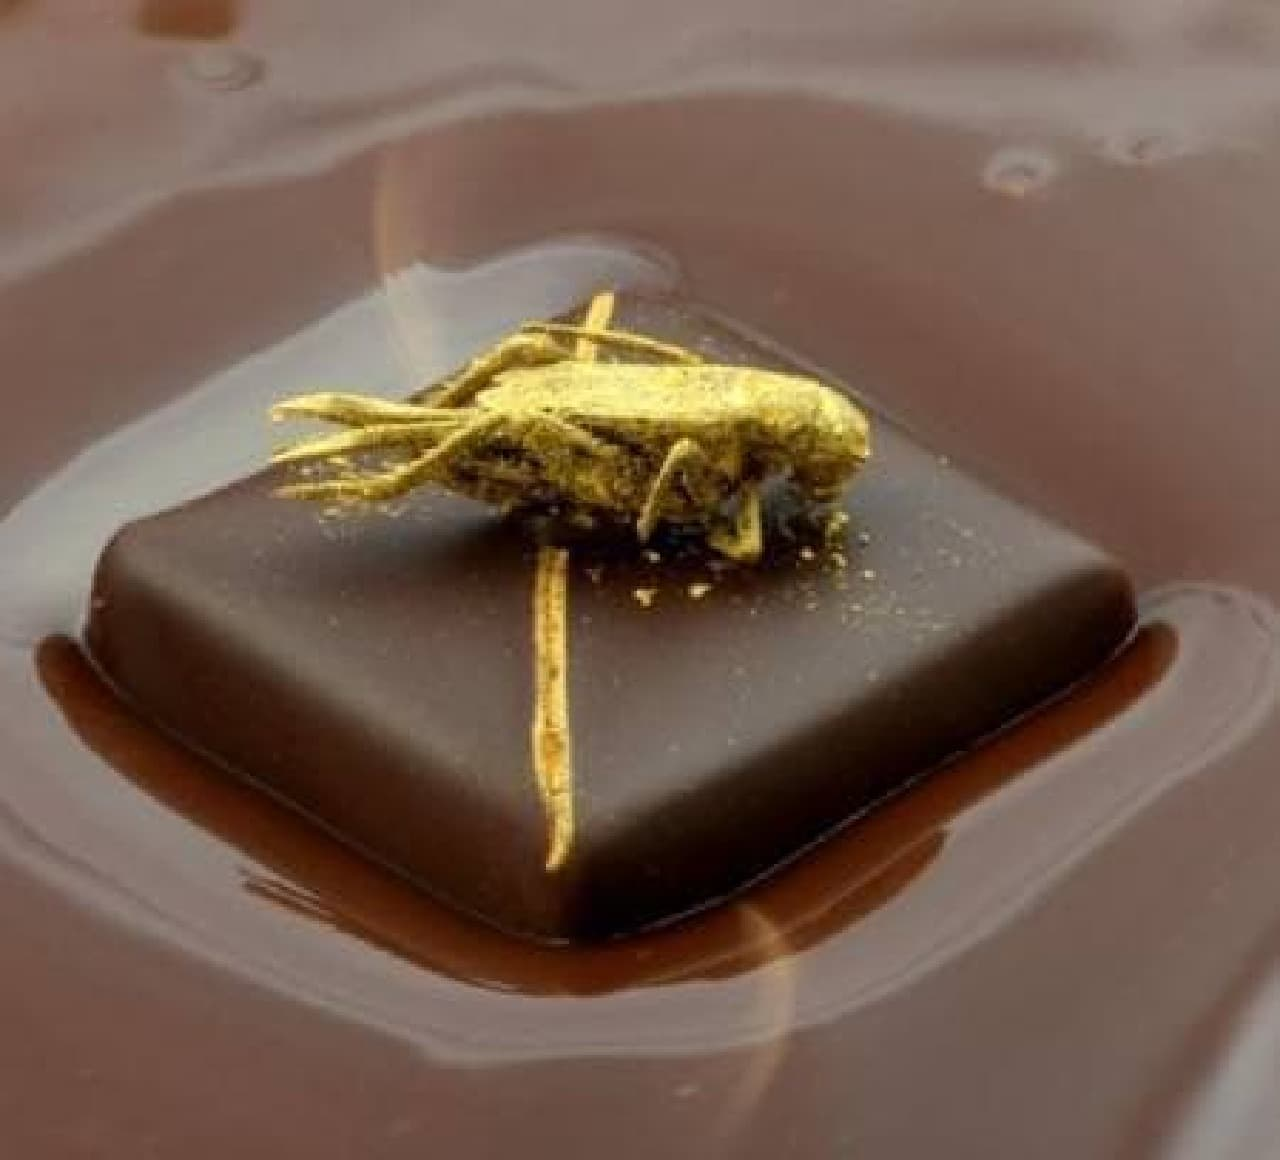 シルバン ムスカール氏が発表した新作チョコレート  コオロギのトッピングがキュートだ